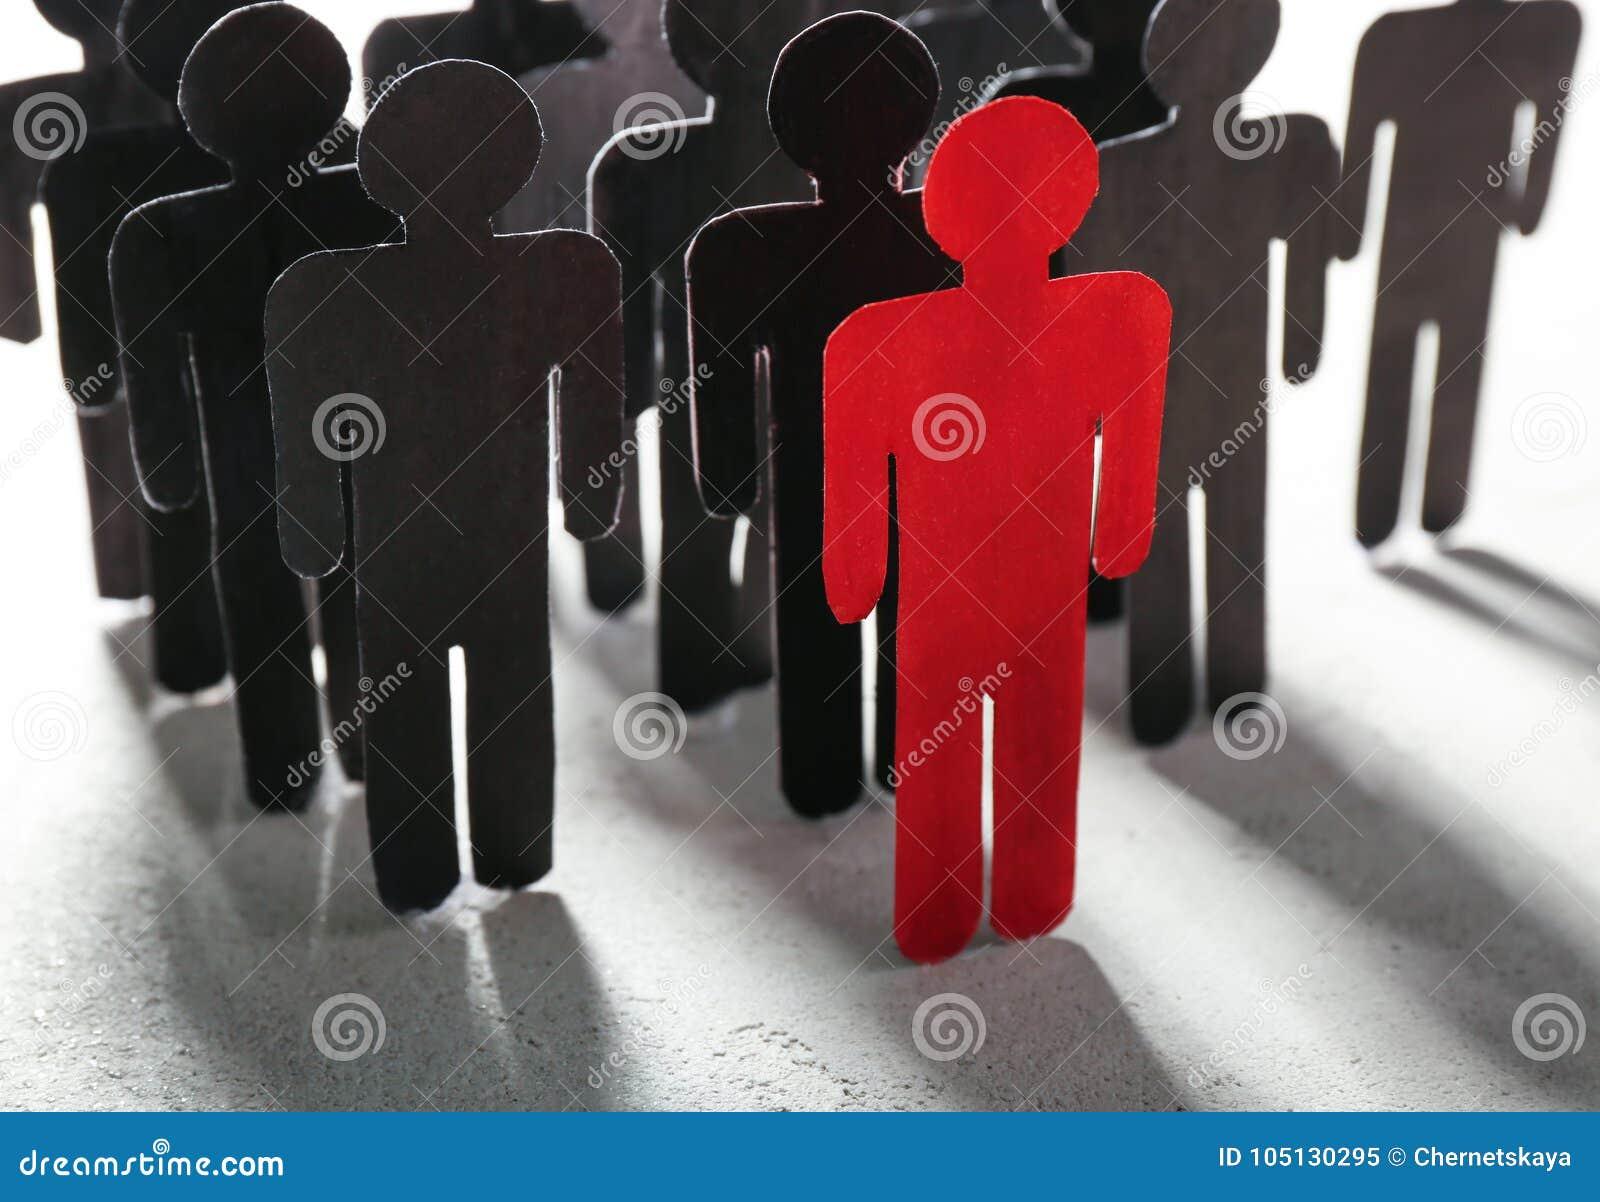 Προϊστάμενος εναντίον της έννοιας ηγετών Πλήθος των ανθρώπινων αριθμών πίσω από το κόκκινο